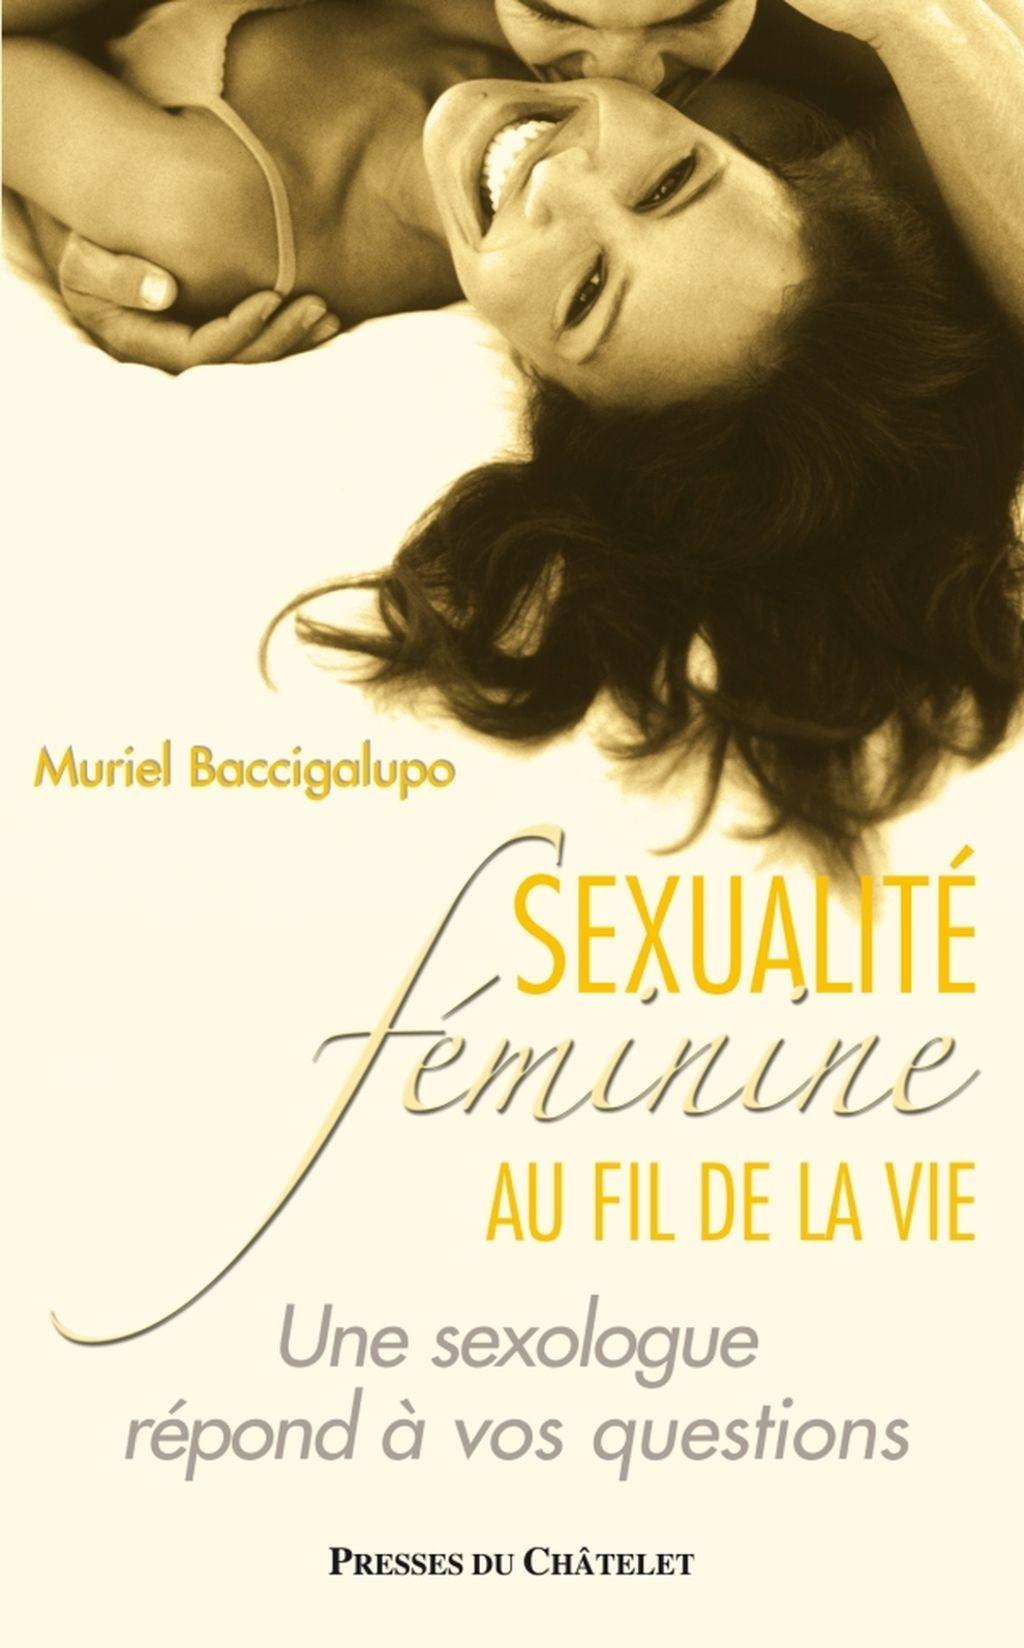 Sexualite Feminine Au Fil De La Vie Ebook La Vie Movie Posters